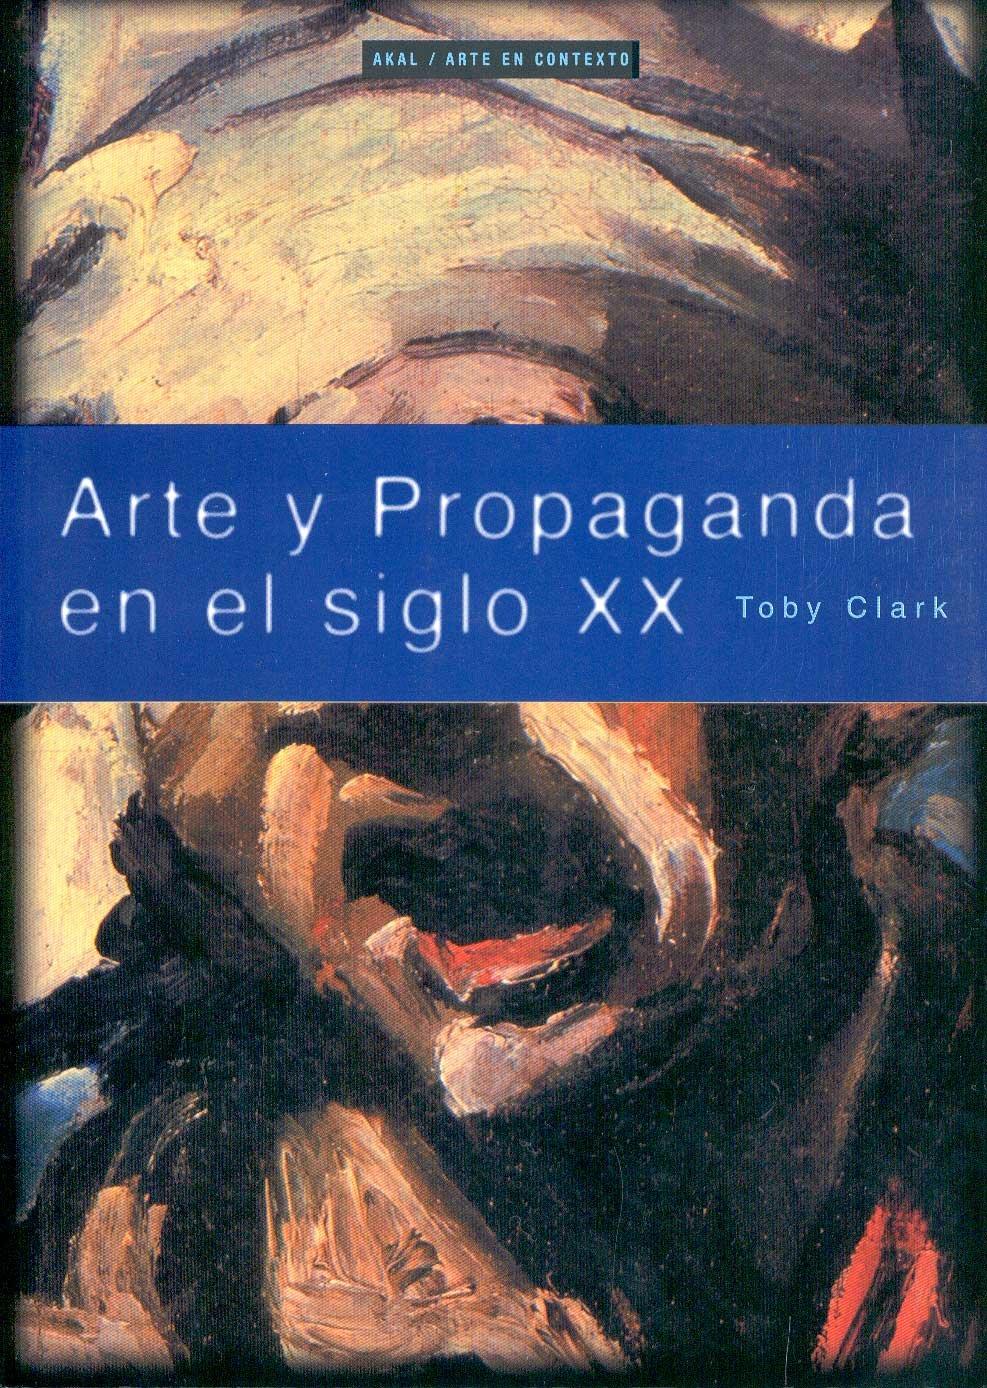 Arte y propaganda en el siglo XX (Arte en contexto) Tapa blanda – 2 ene 2001 Toby Clark Isabel Balsinde Ediciones Akal 8446011506